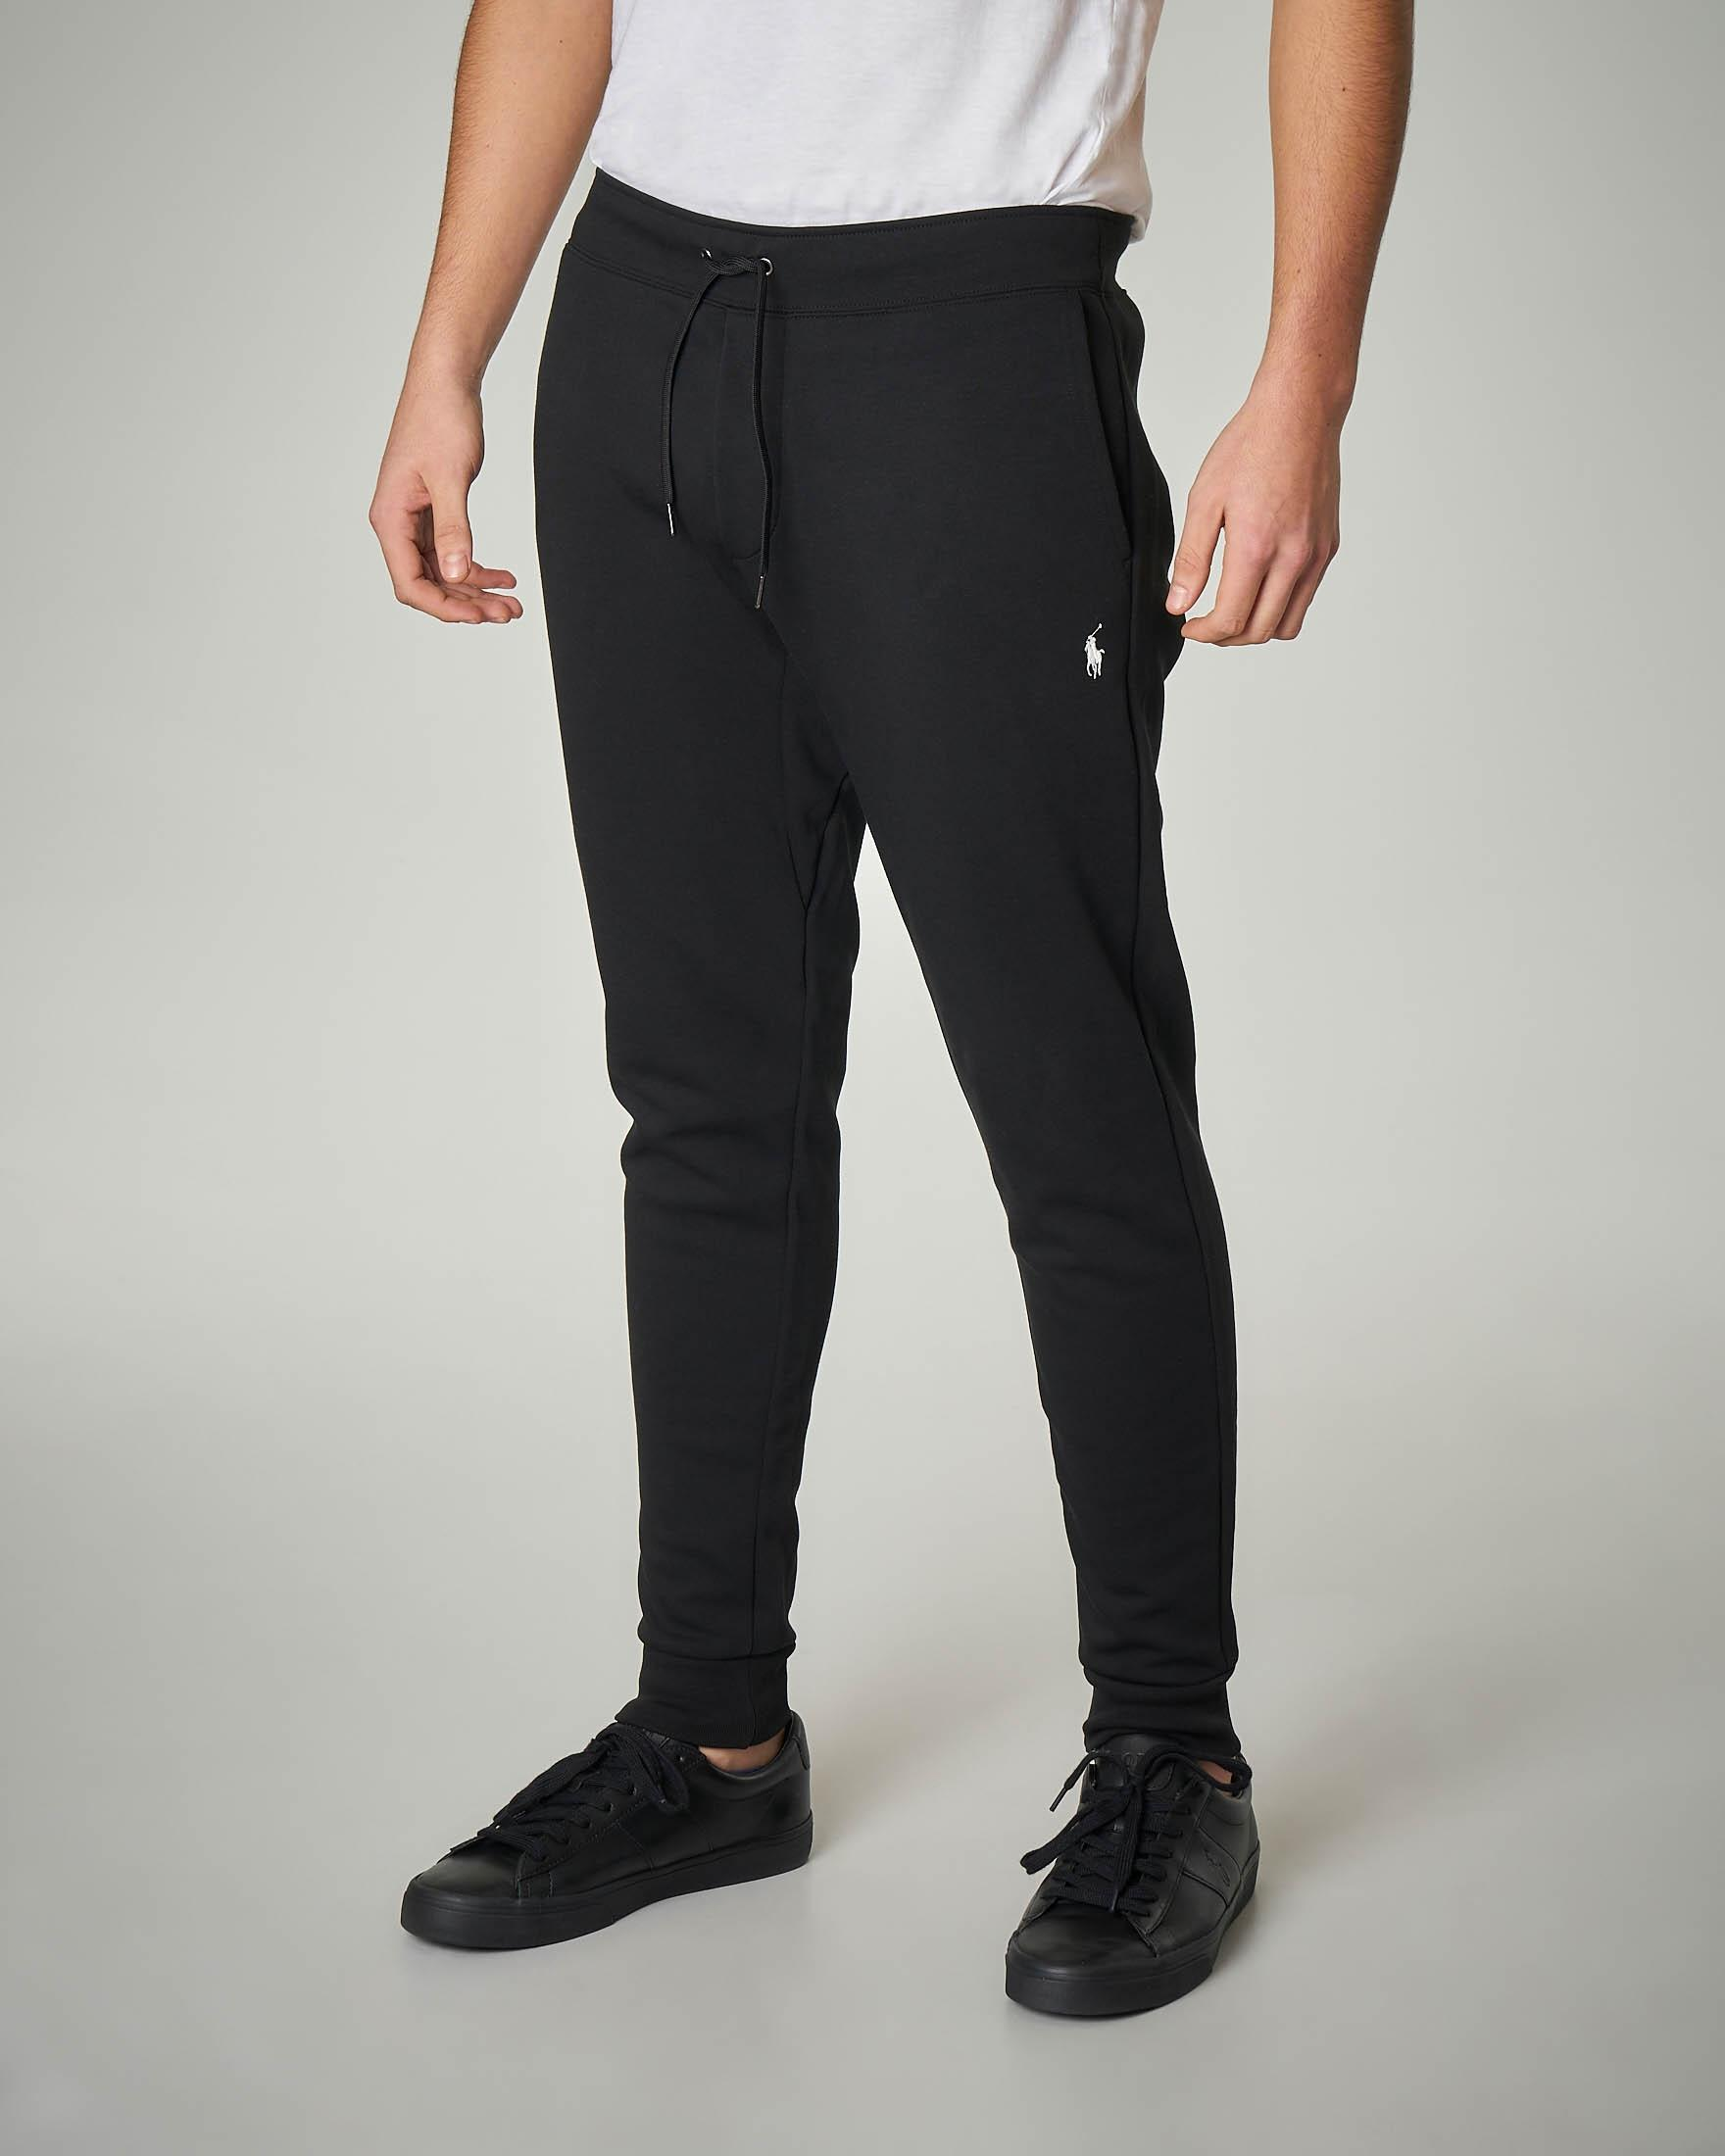 Pantalone nero in felpa con taschino posteriore